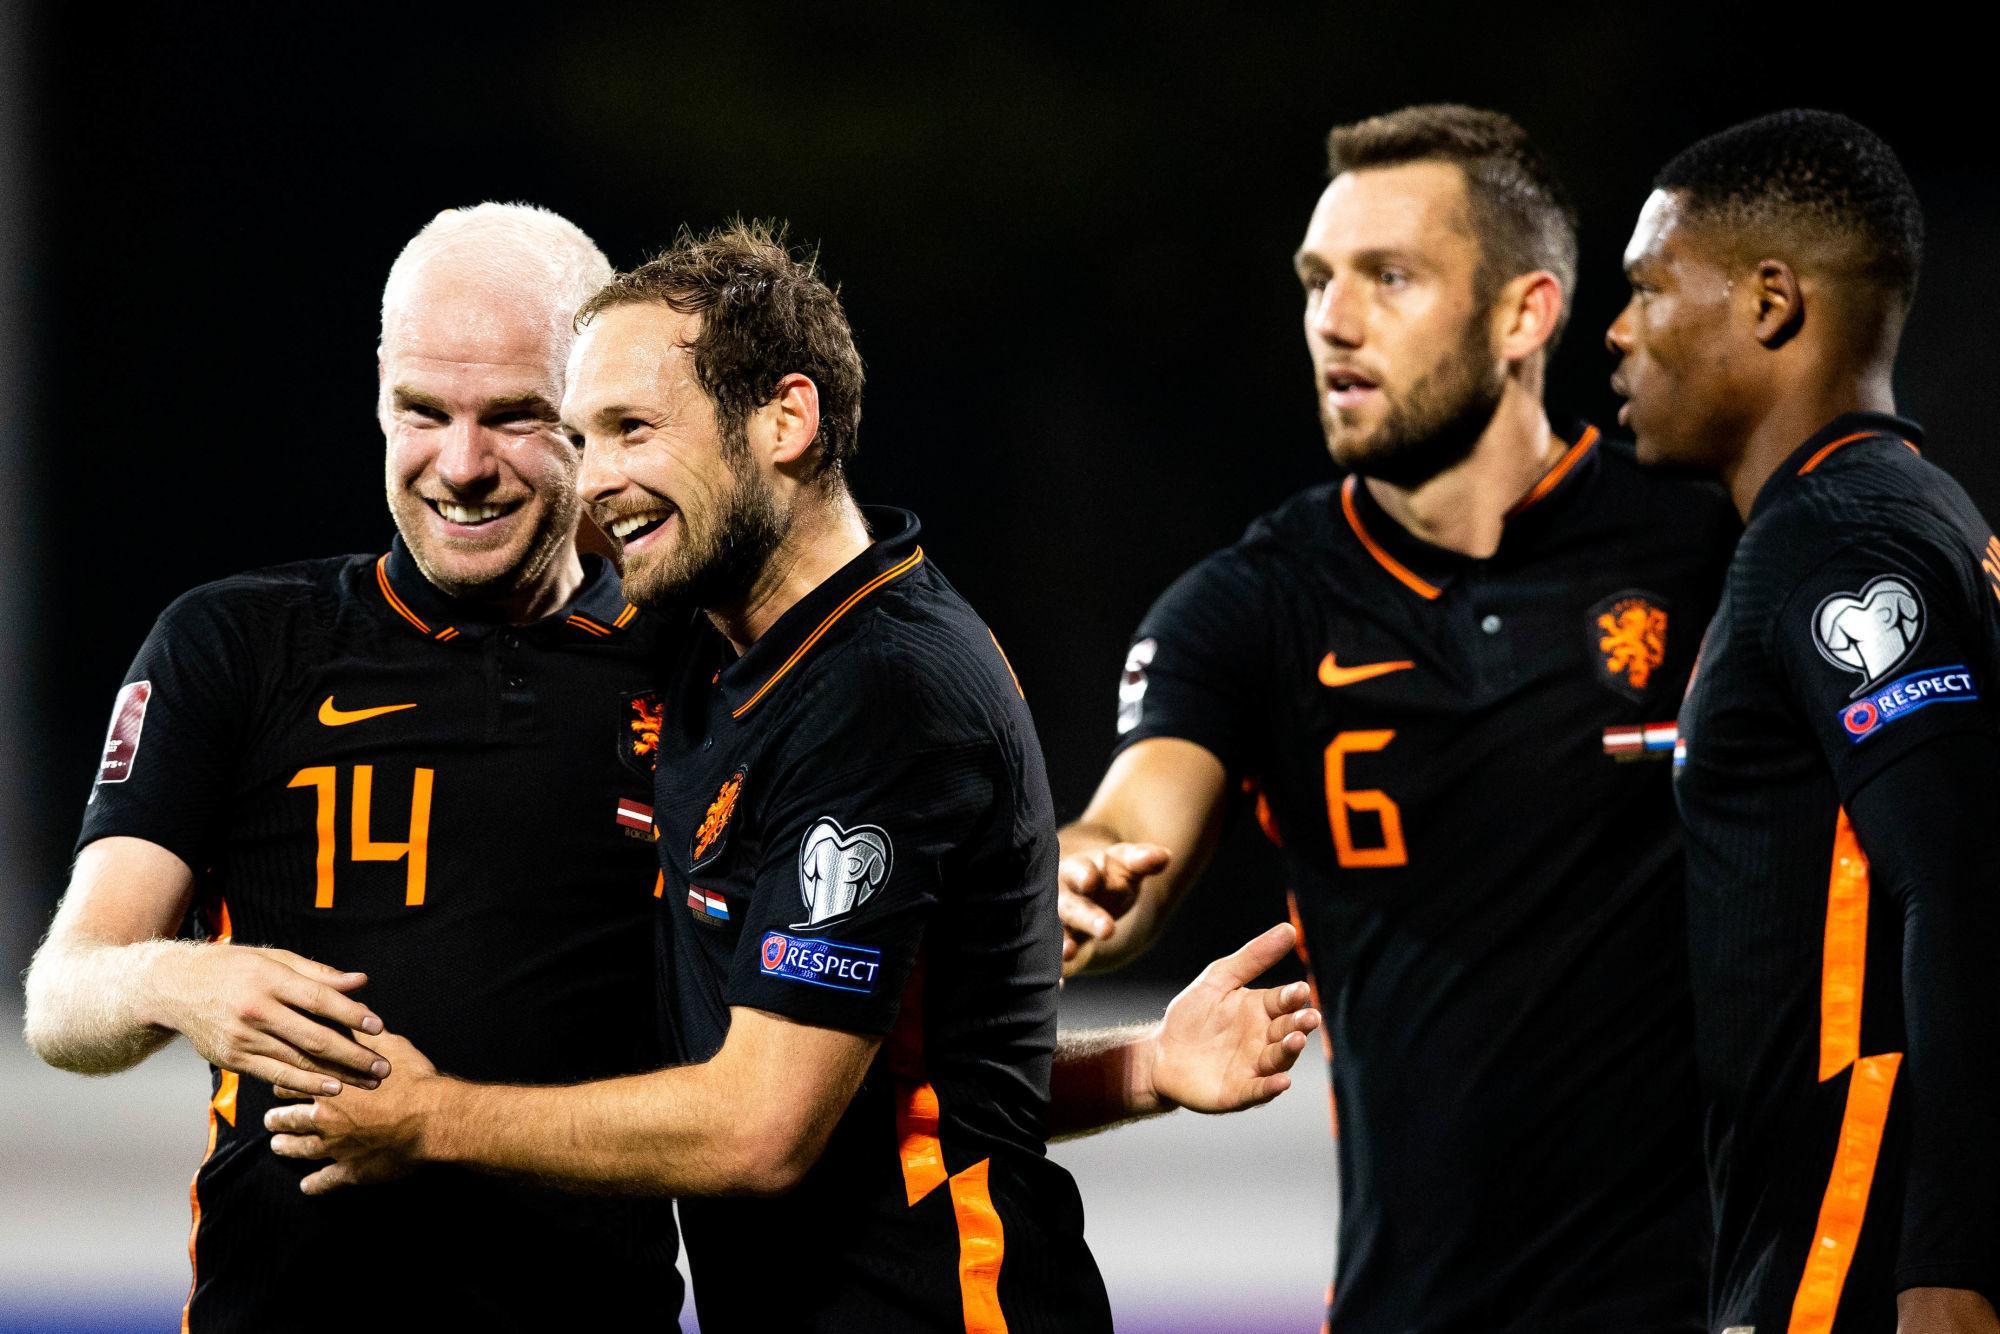 Les Pays-Bas s'imposent contre la Lettonie pendant la suspension de Wijnaldum